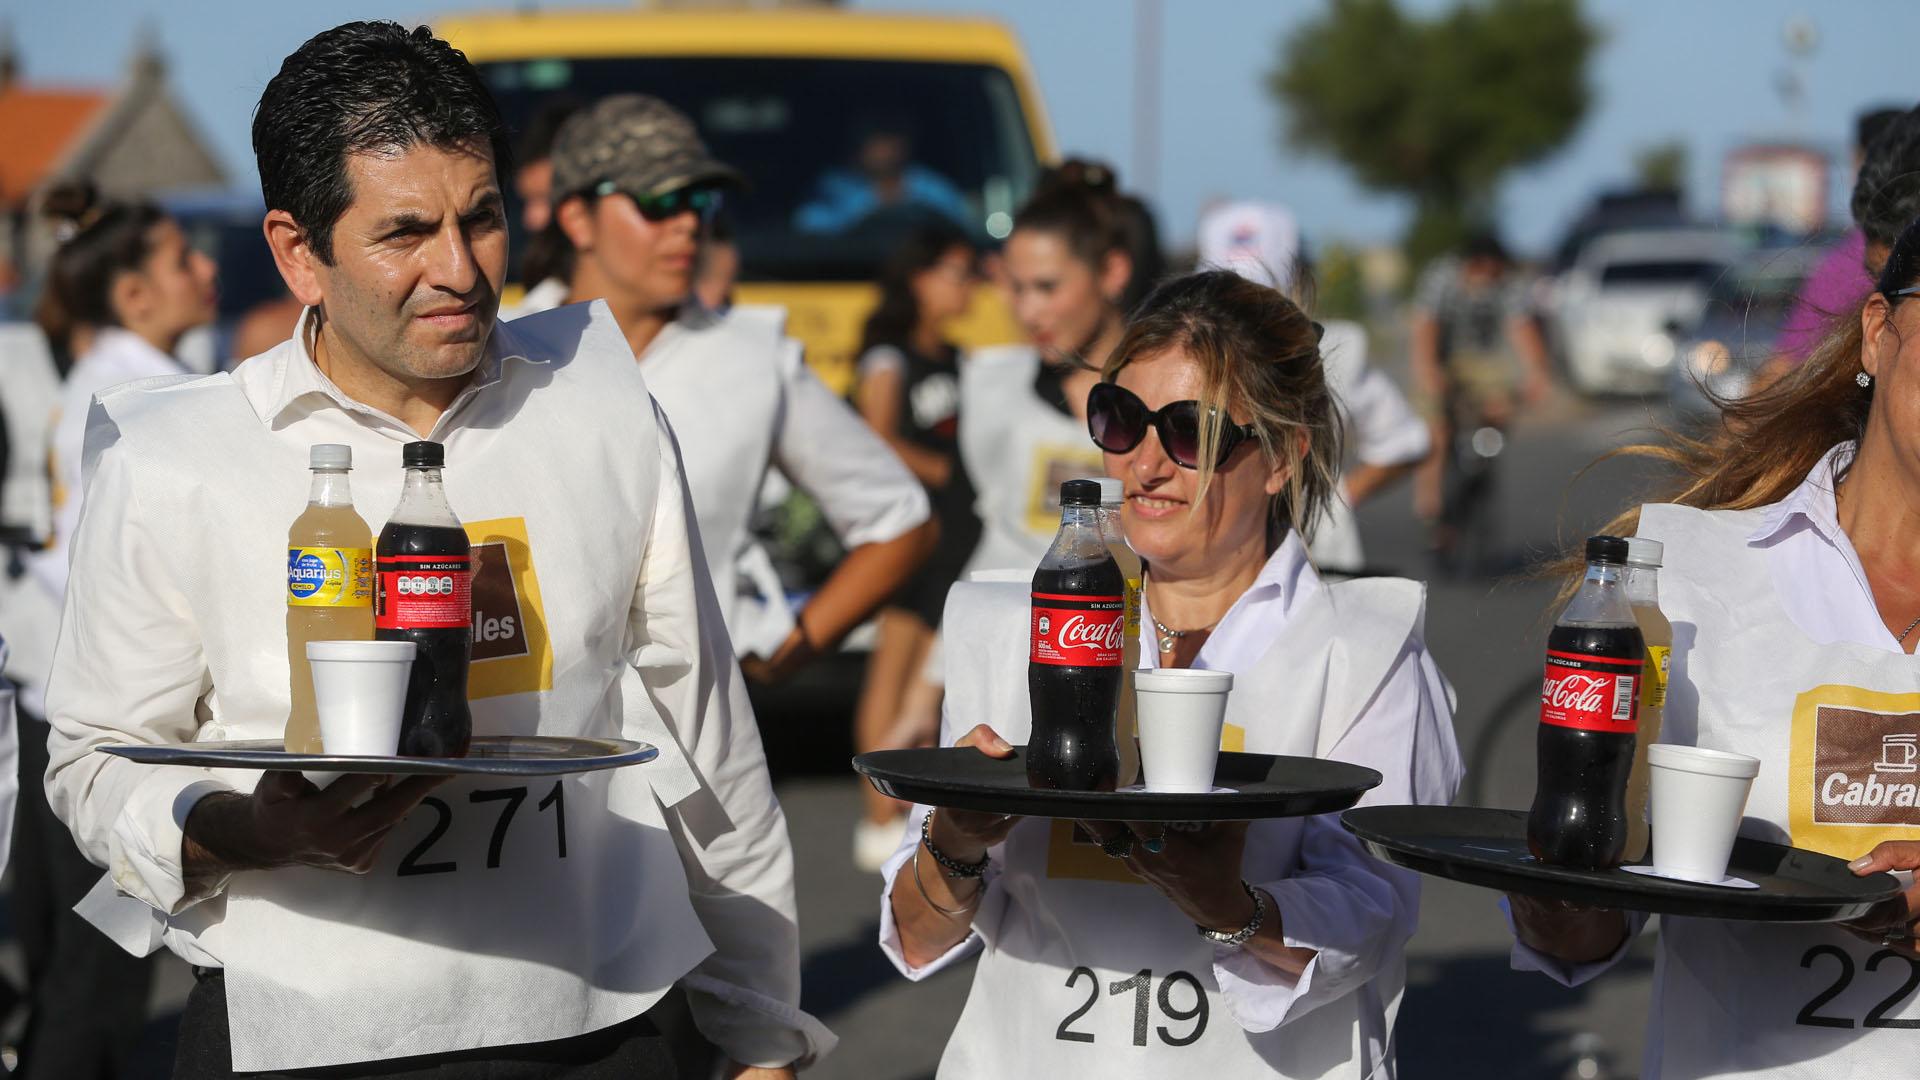 El evento estuvo organizado por la Asociación Patrocinadores del Turismo, la Hotelería y la Gastronomía de la República Argentina